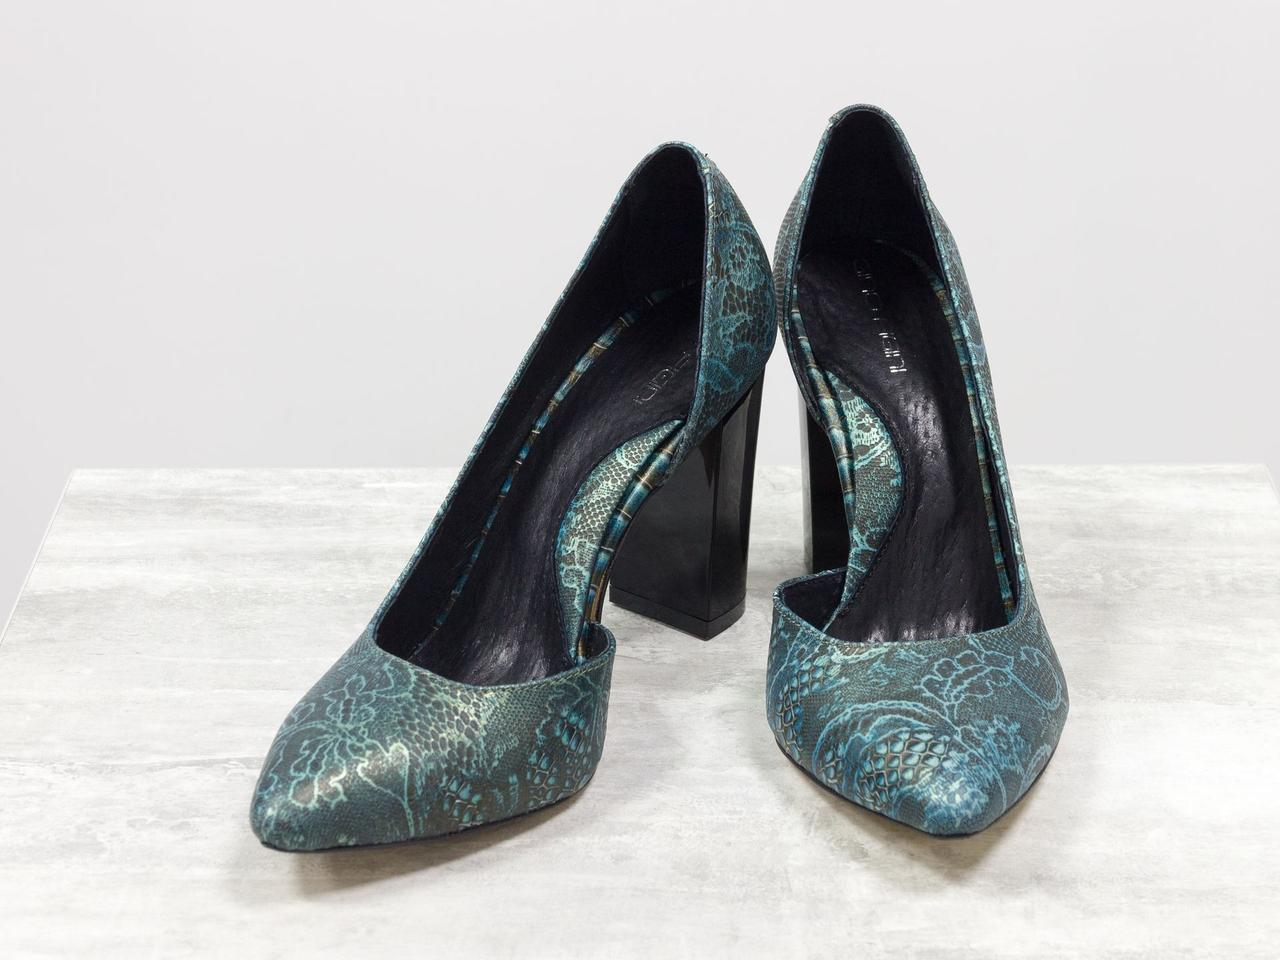 Эксклюзивные туфли из натуральной кожи бирюзового цвета с кружевным рисунком